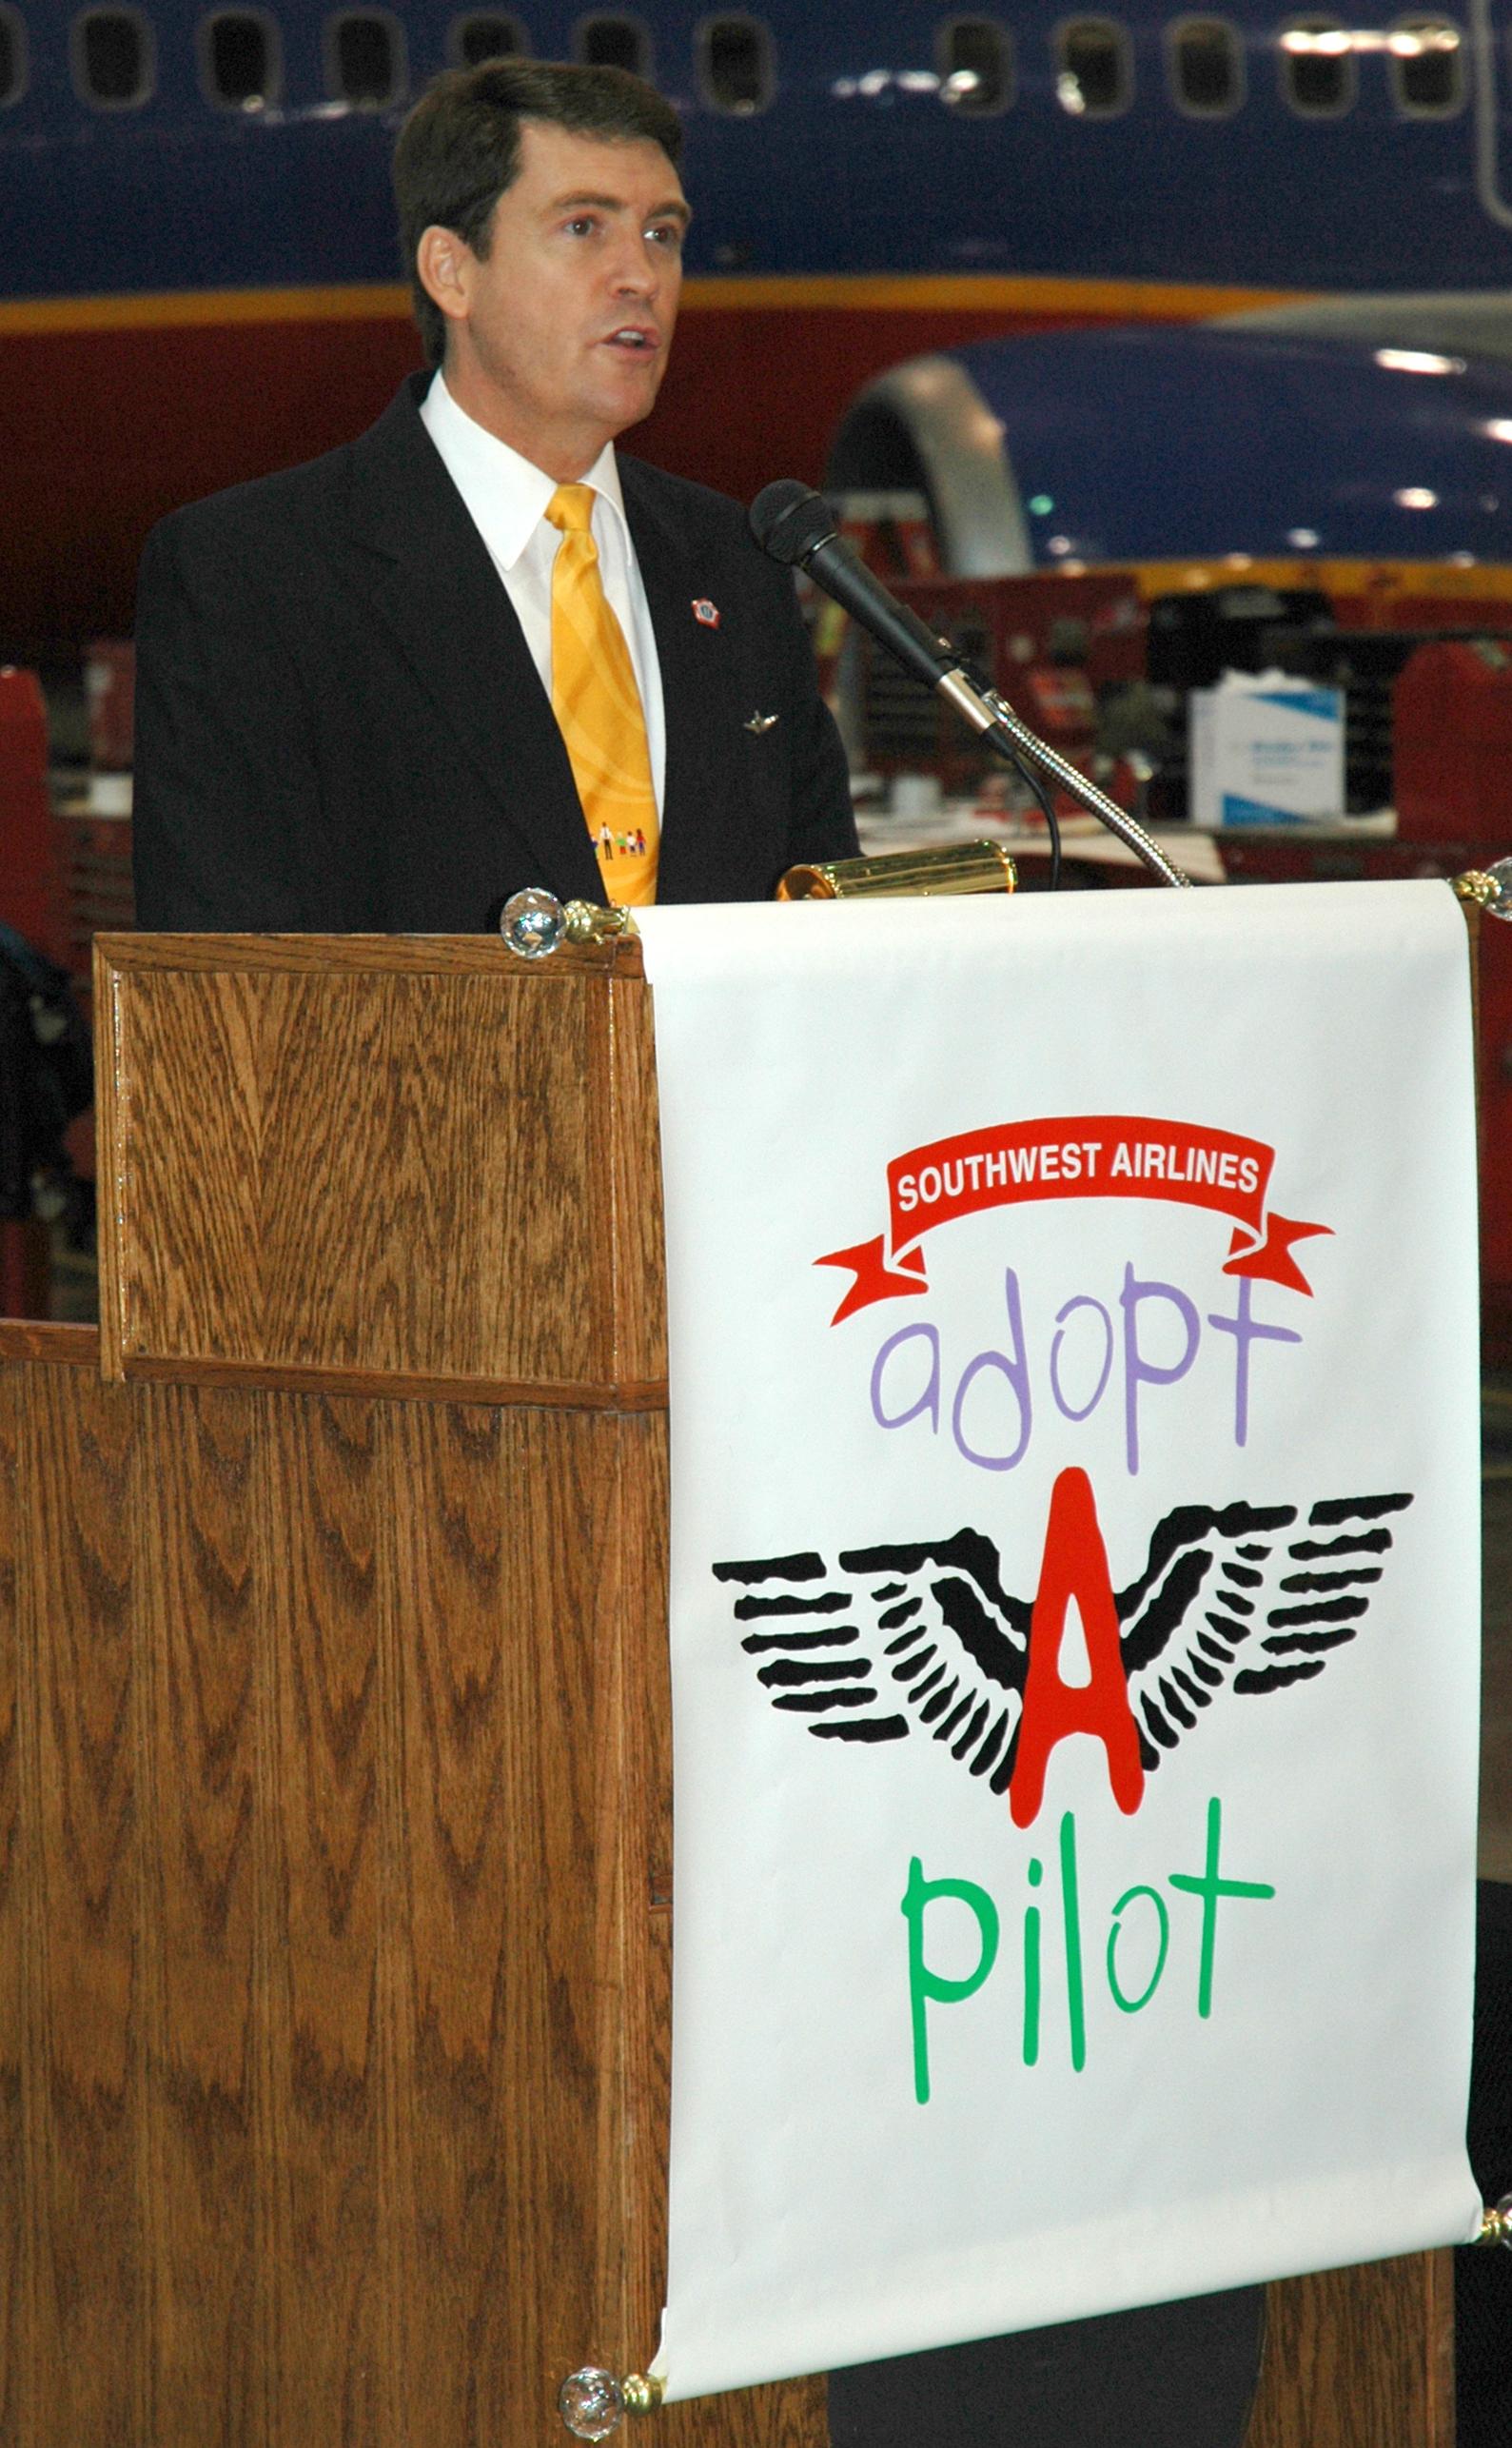 Frank_Adopt_A_pilot_Podium.jpg